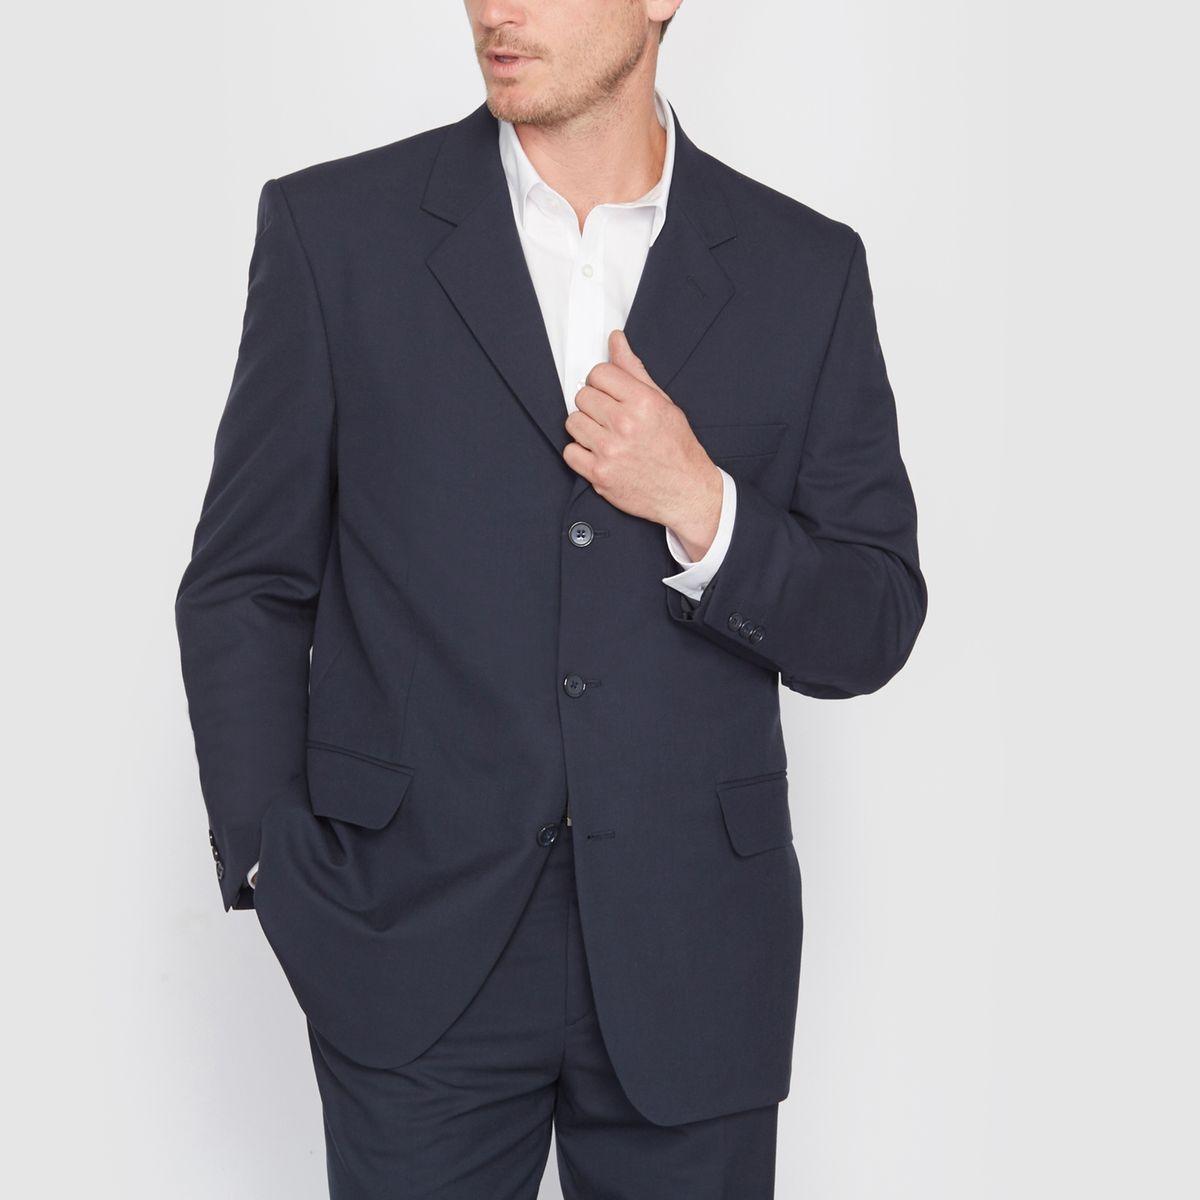 Veste de costume droite (moins de 1m76)